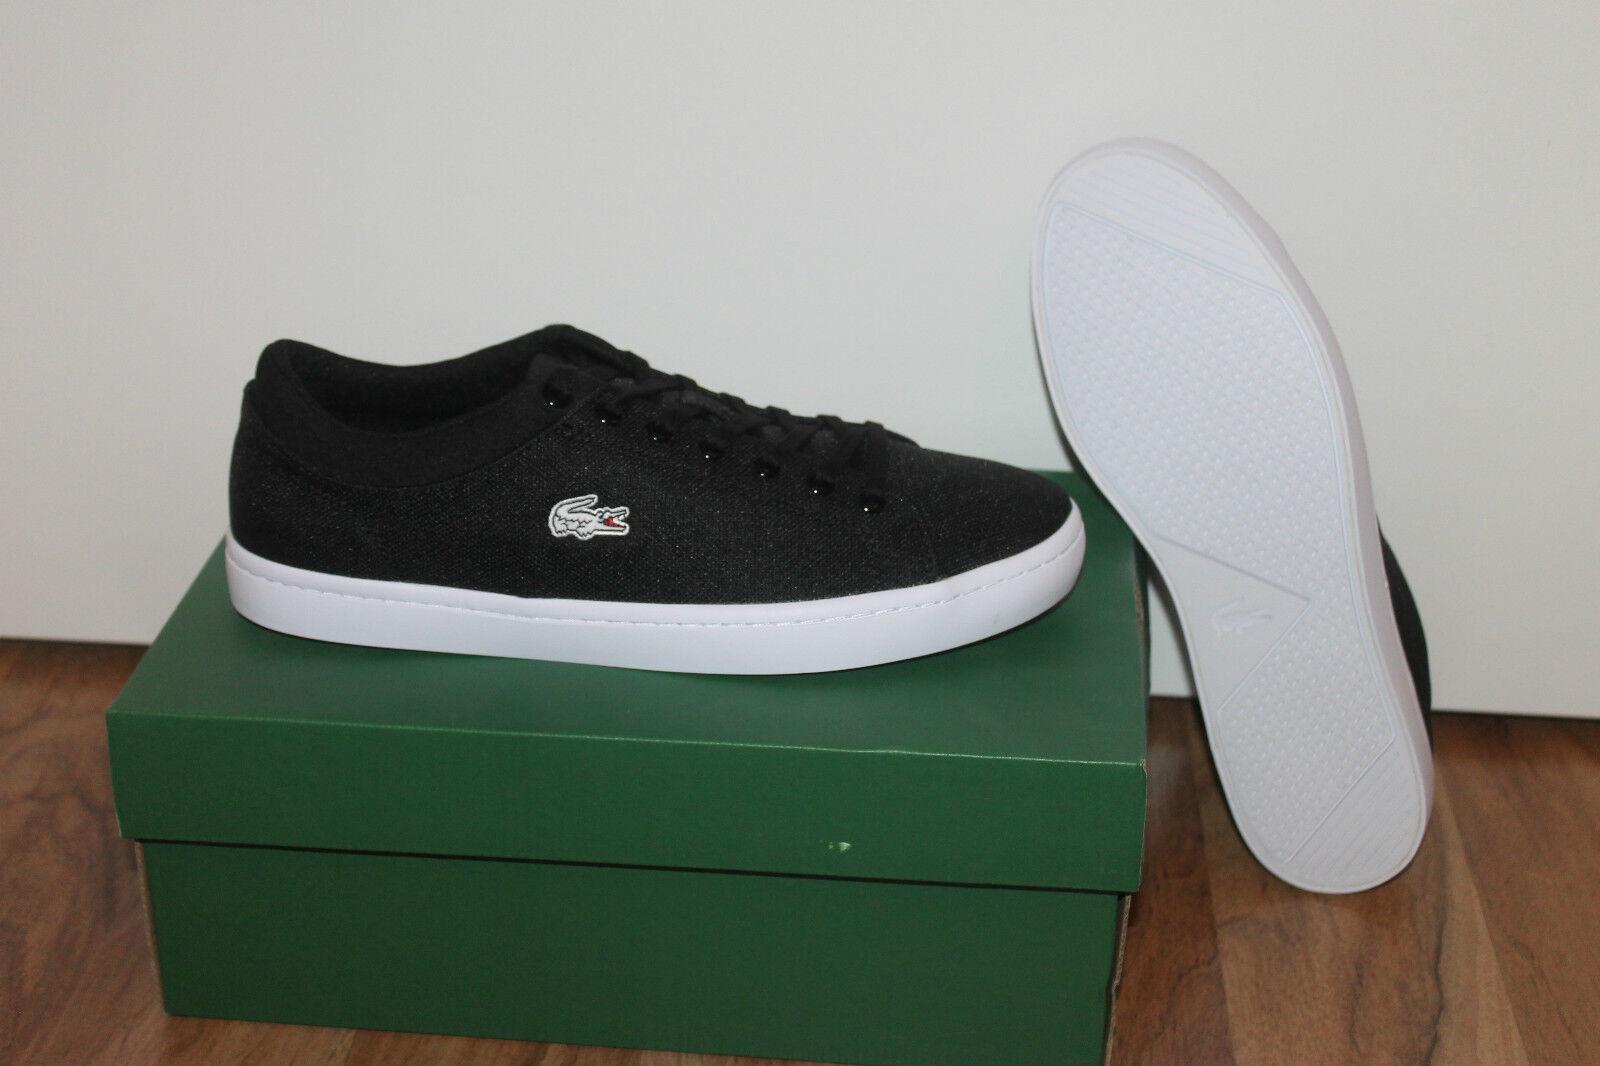 Lacoste Straightset Herren Schuh Sneaker Schwarz Weiß alle Größen Neu mit Karton